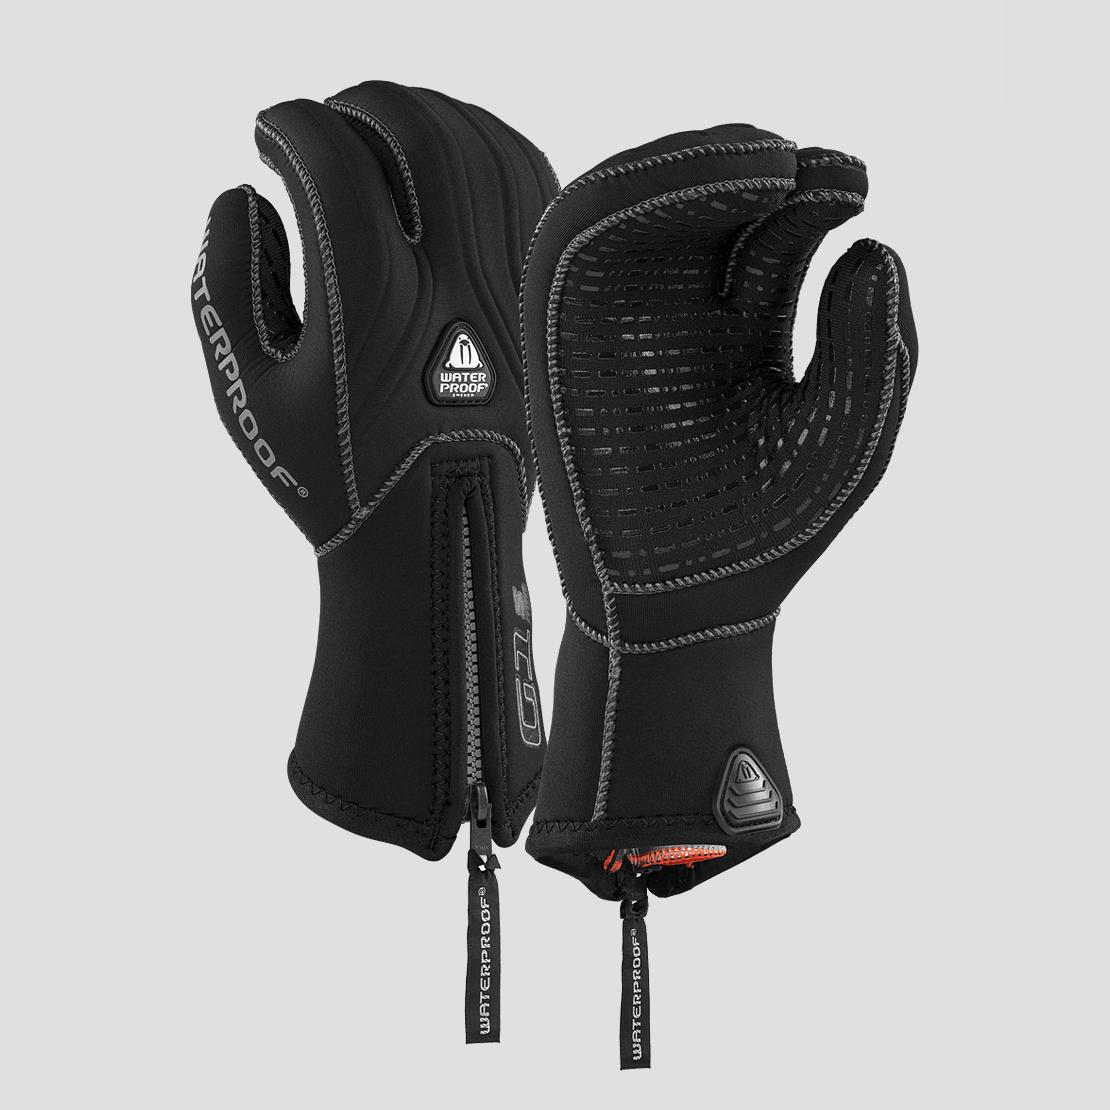 Waterproof G1 3-Fingerhandschuh (5mm)